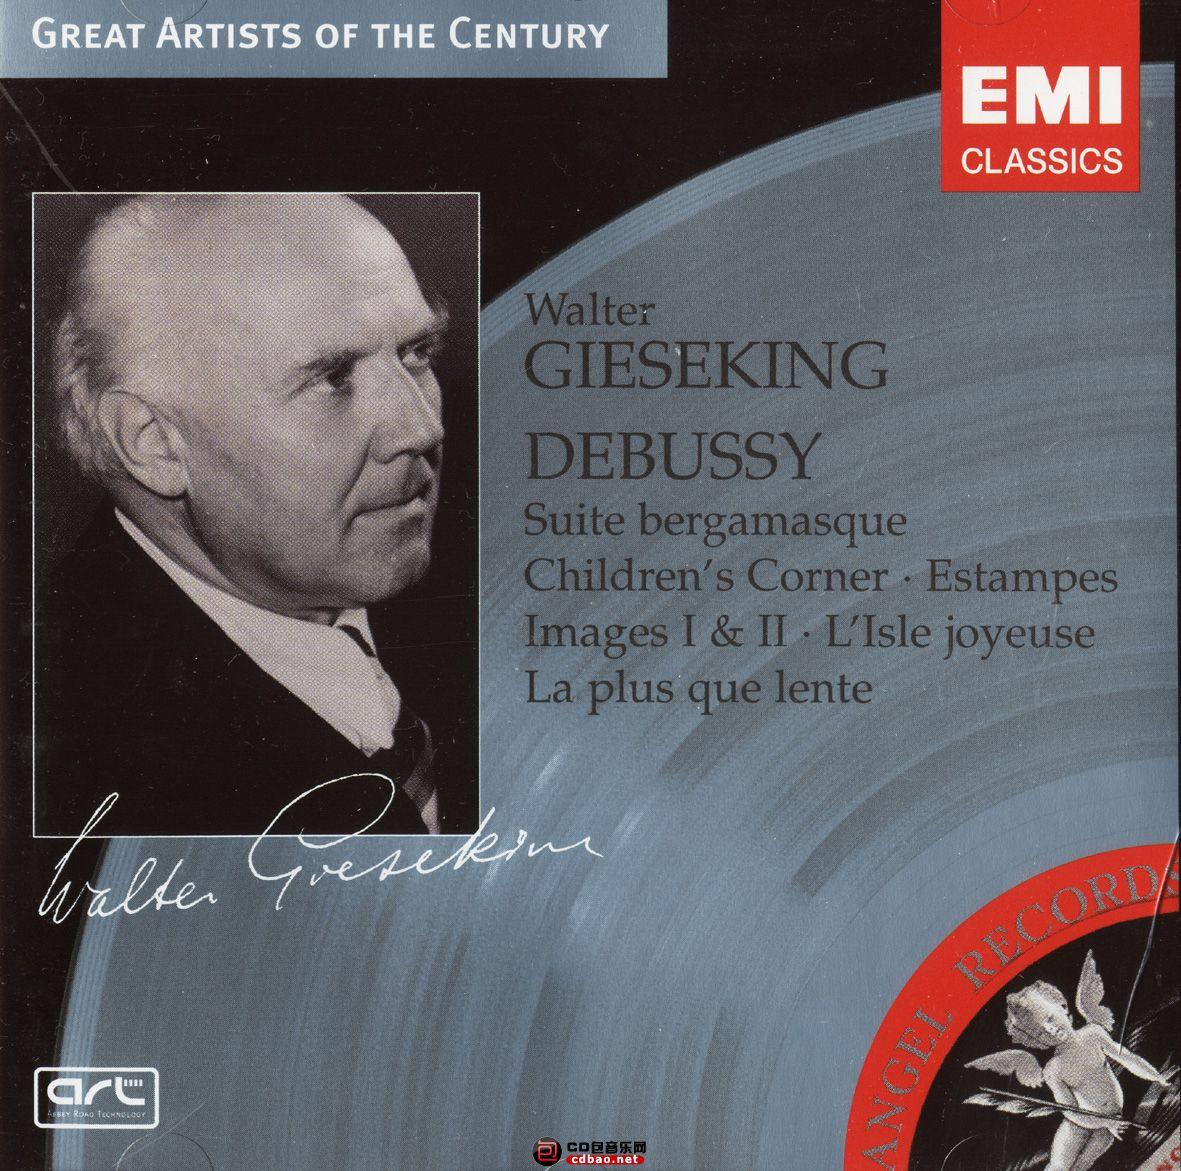 Gieseking_Debussy Piano Works.01.jpg